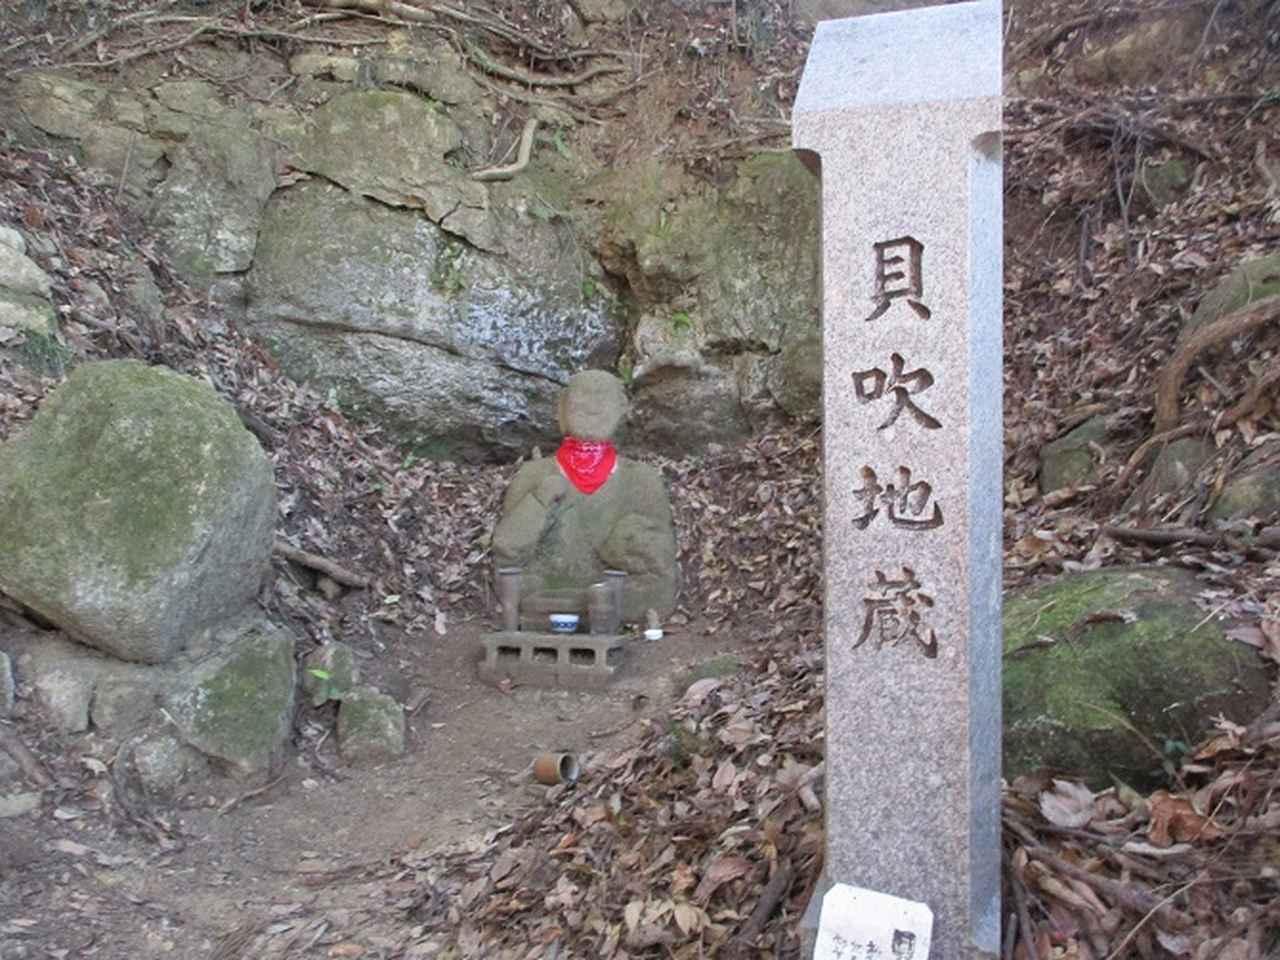 画像7: 1月12日に山旅会現地集合ツアー 「六浦から朝比奈切通・大平山」 ツアーにいってまいりました!